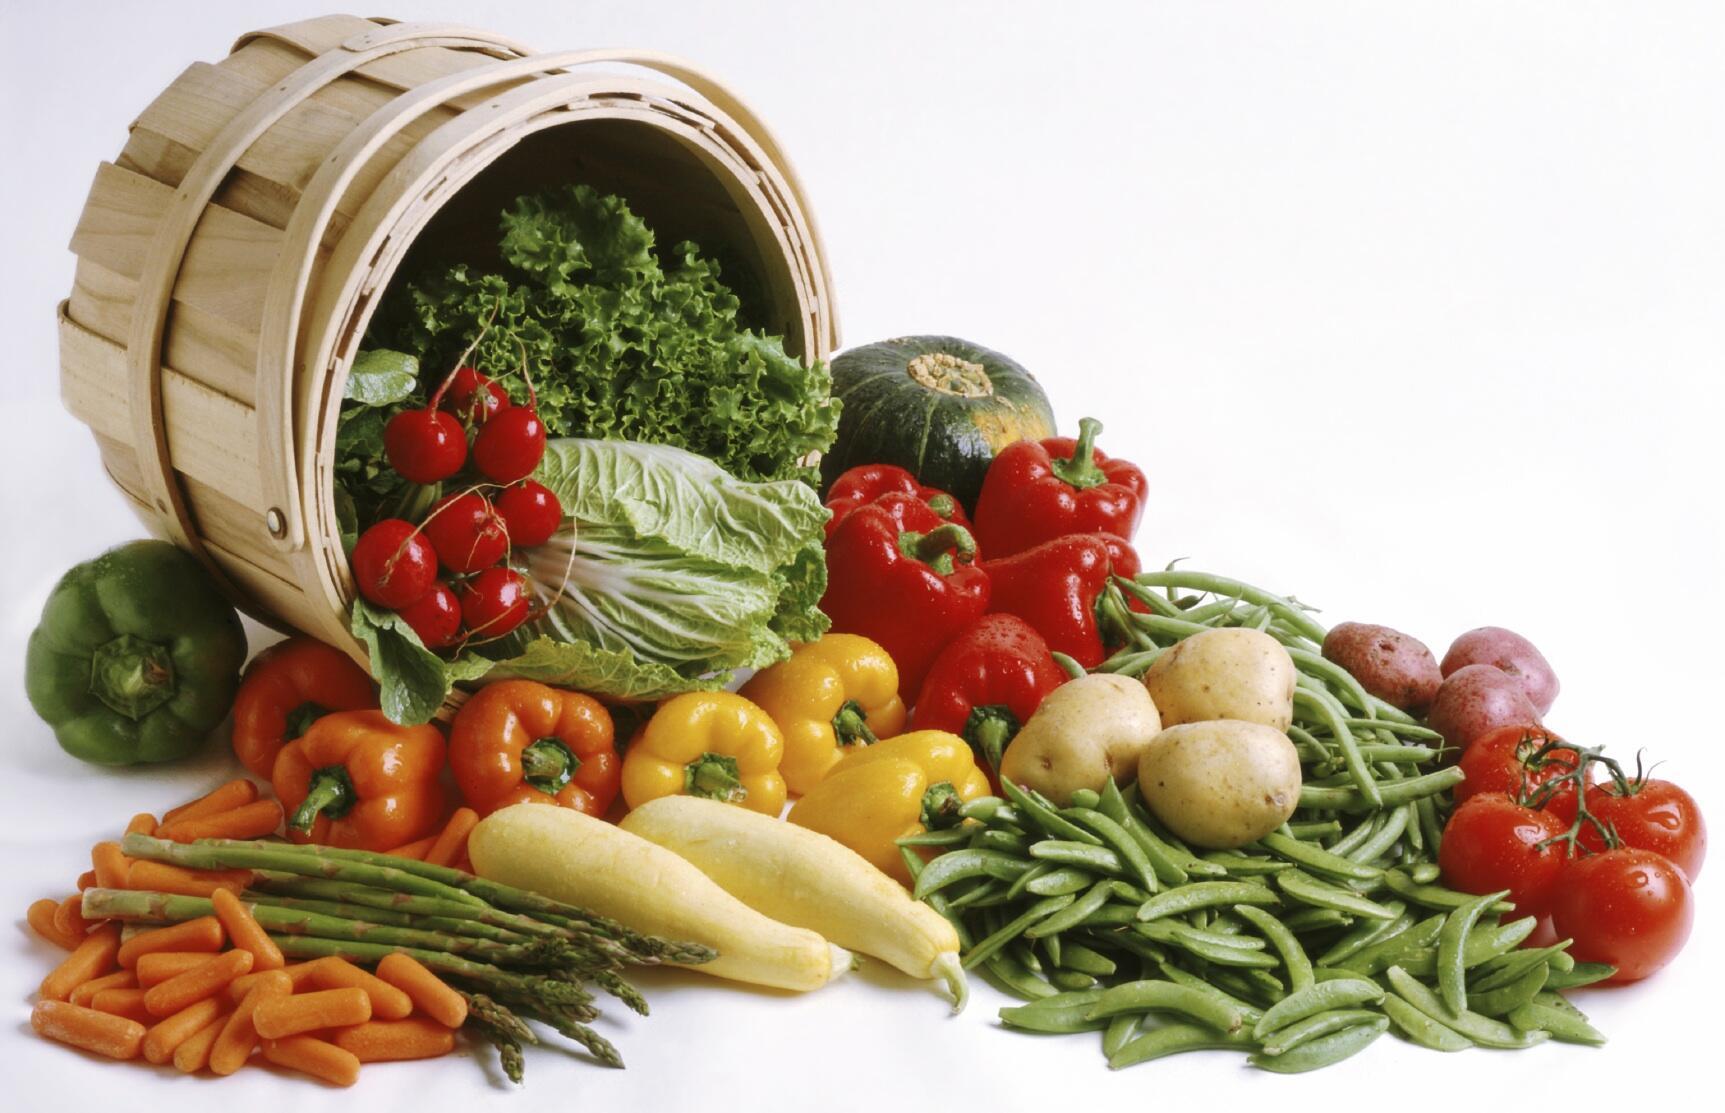 إرتفاع عدد الجياع في العالم … والتجارة الدولية هي الحل لتوفير الغذاء